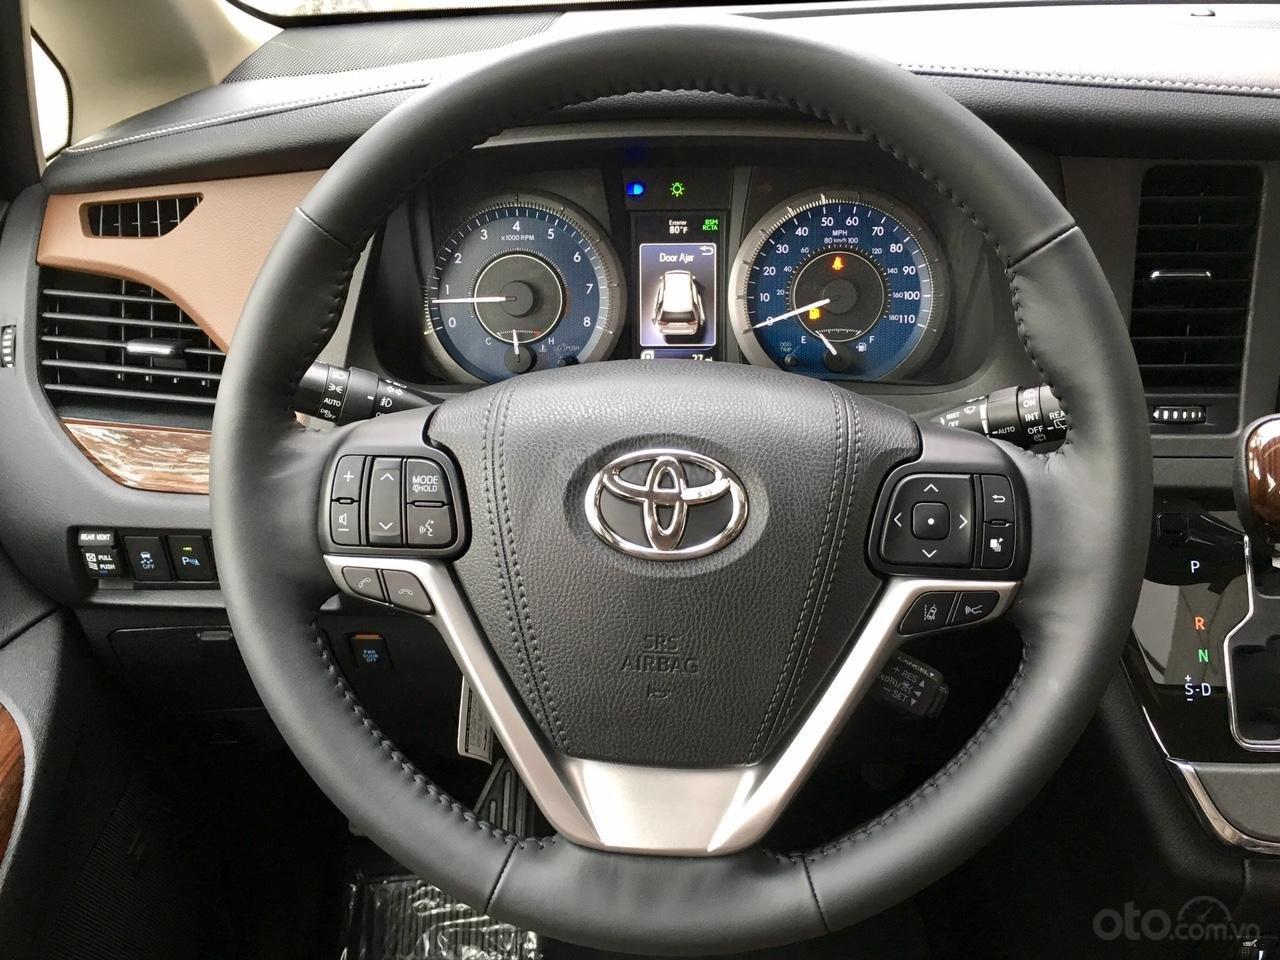 Bán Toyota Sienna Limited 2020 bản 1 cầu, giá tốt, nhập Mỹ giao ngay toàn quốc- LH 0945.39.2468 Ms Hương (24)